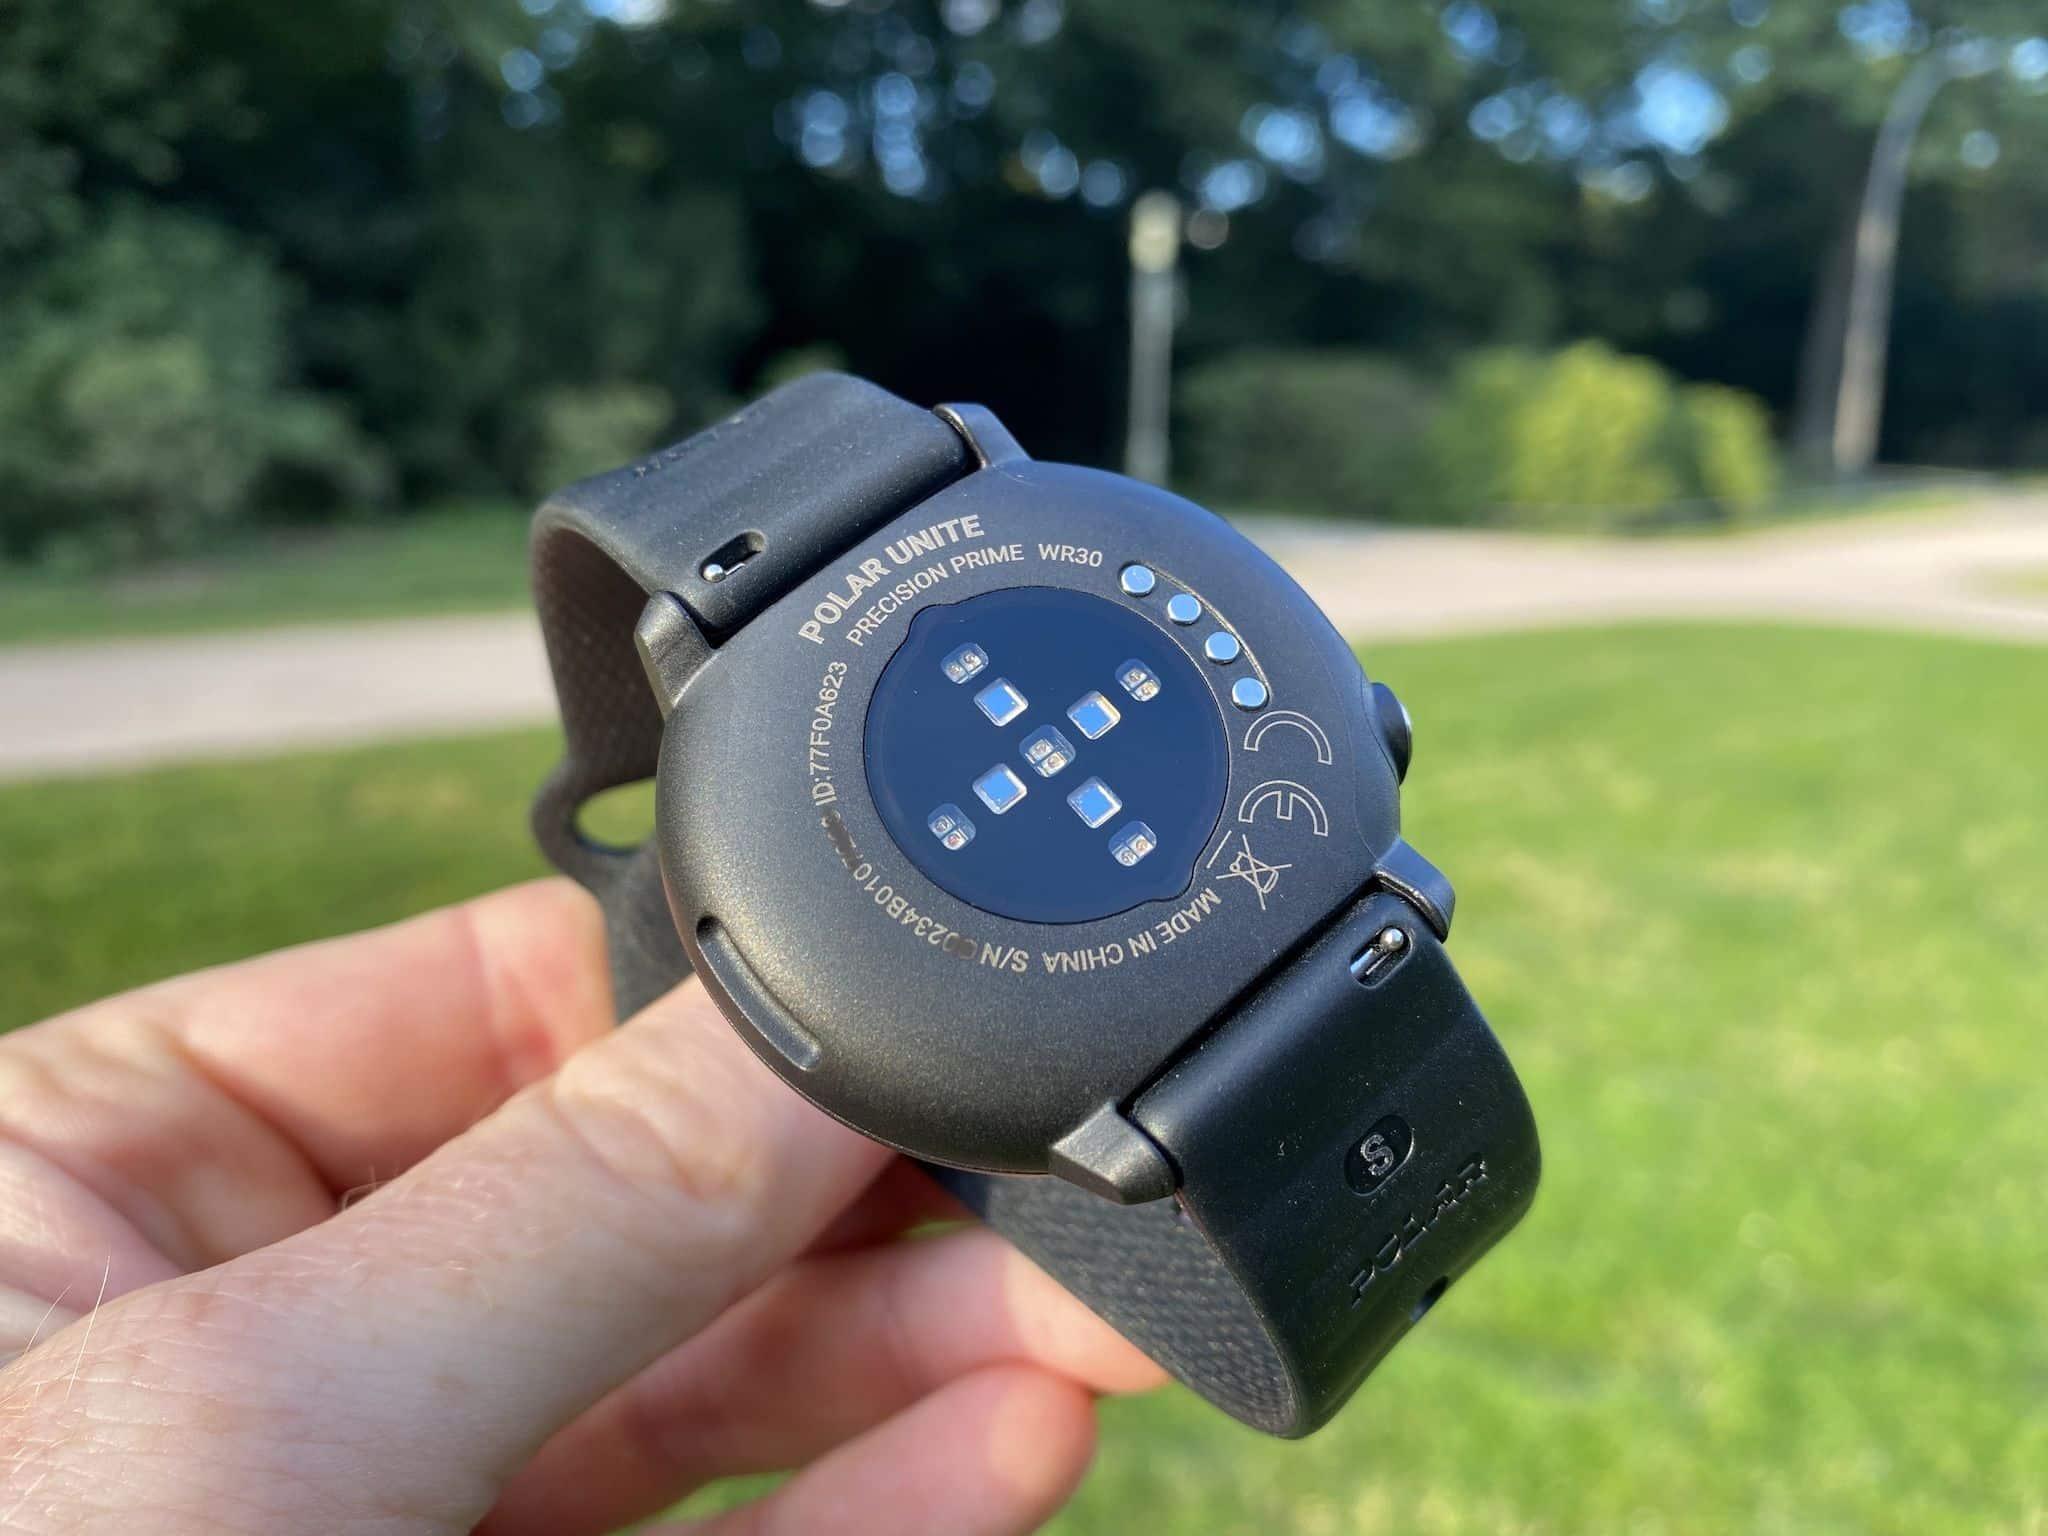 Der optische Herzfrequenzsensor sitzt auf der Unterseite der Smartwatch und funktioniert wie vom Hersteller Polar gewohnt sehr zuverlässig. Foto: Sascha Tegtmeyer